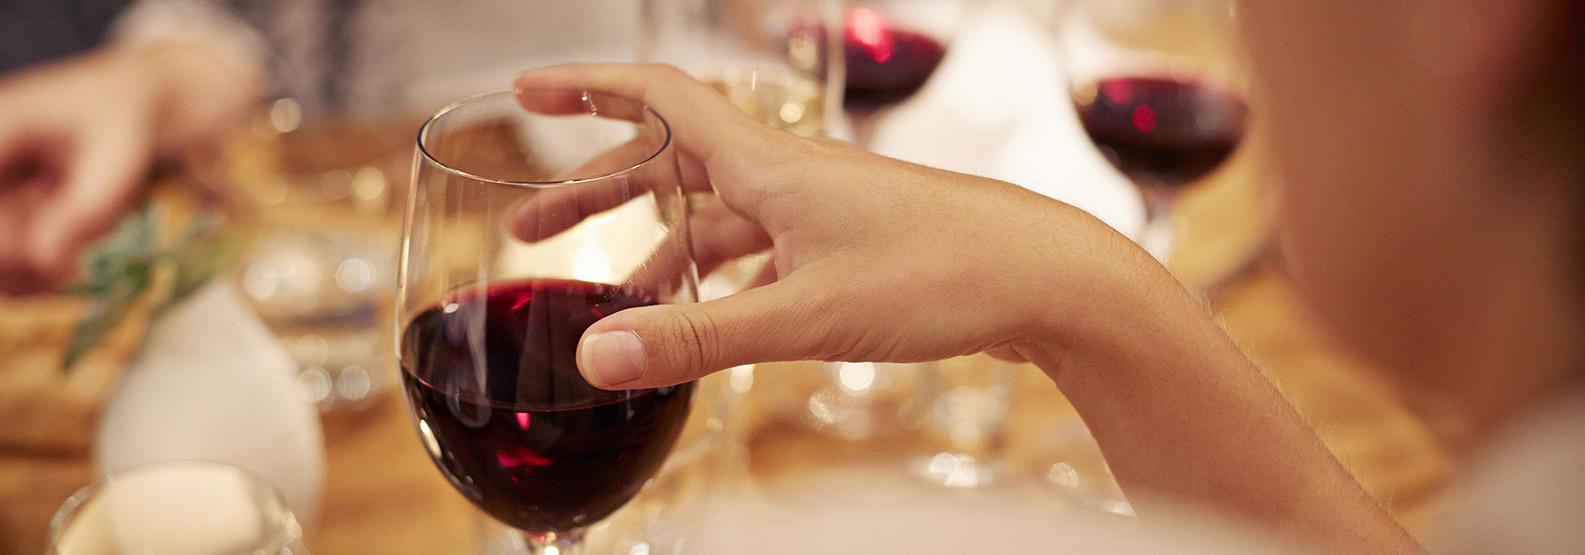 Бокал вина перед сексом